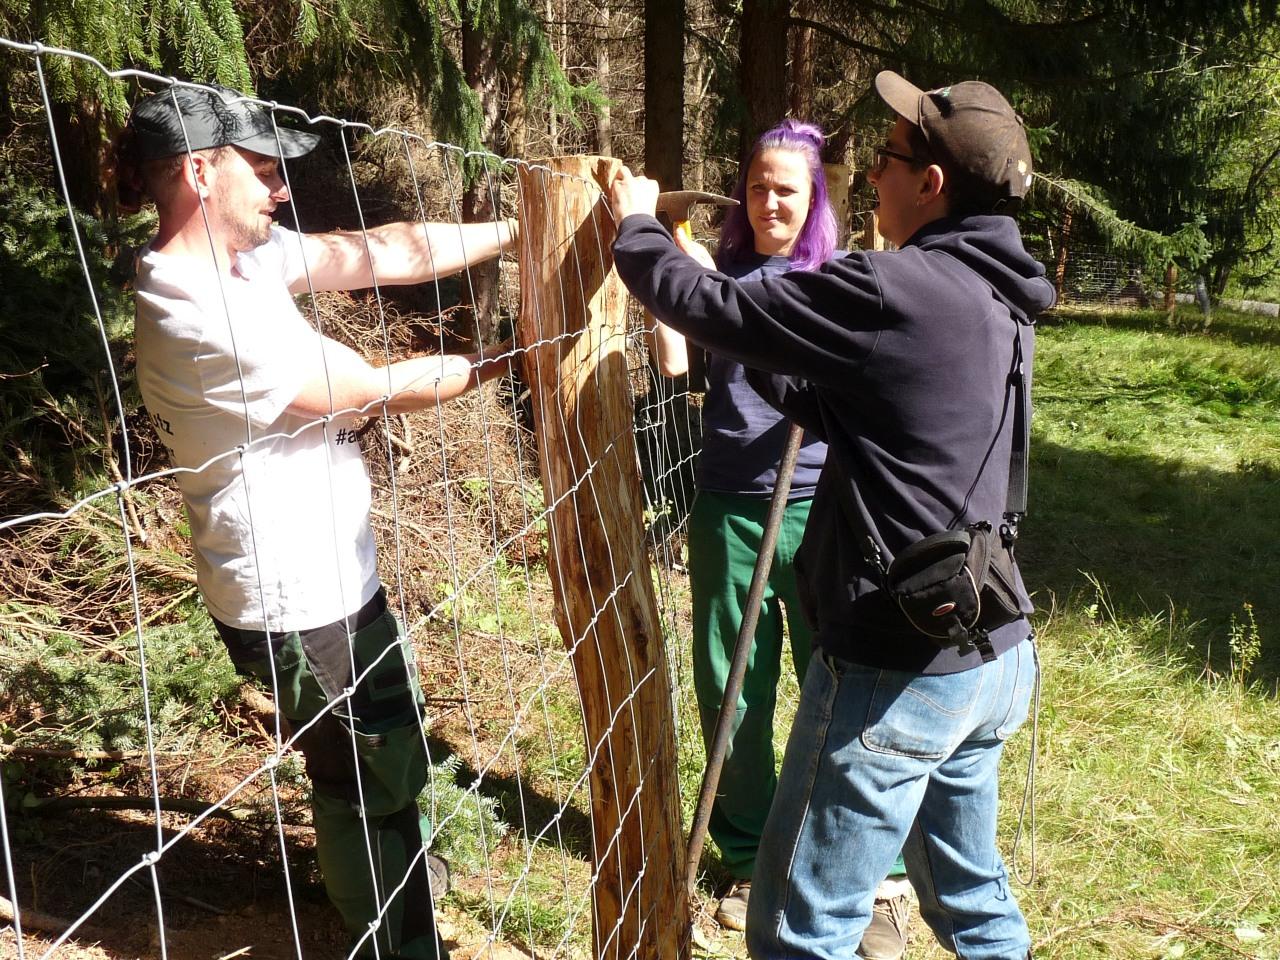 Landschaftspfleger bauen wolfssichere Winterkoppel für Bielatal-Biotoppflegeschafe